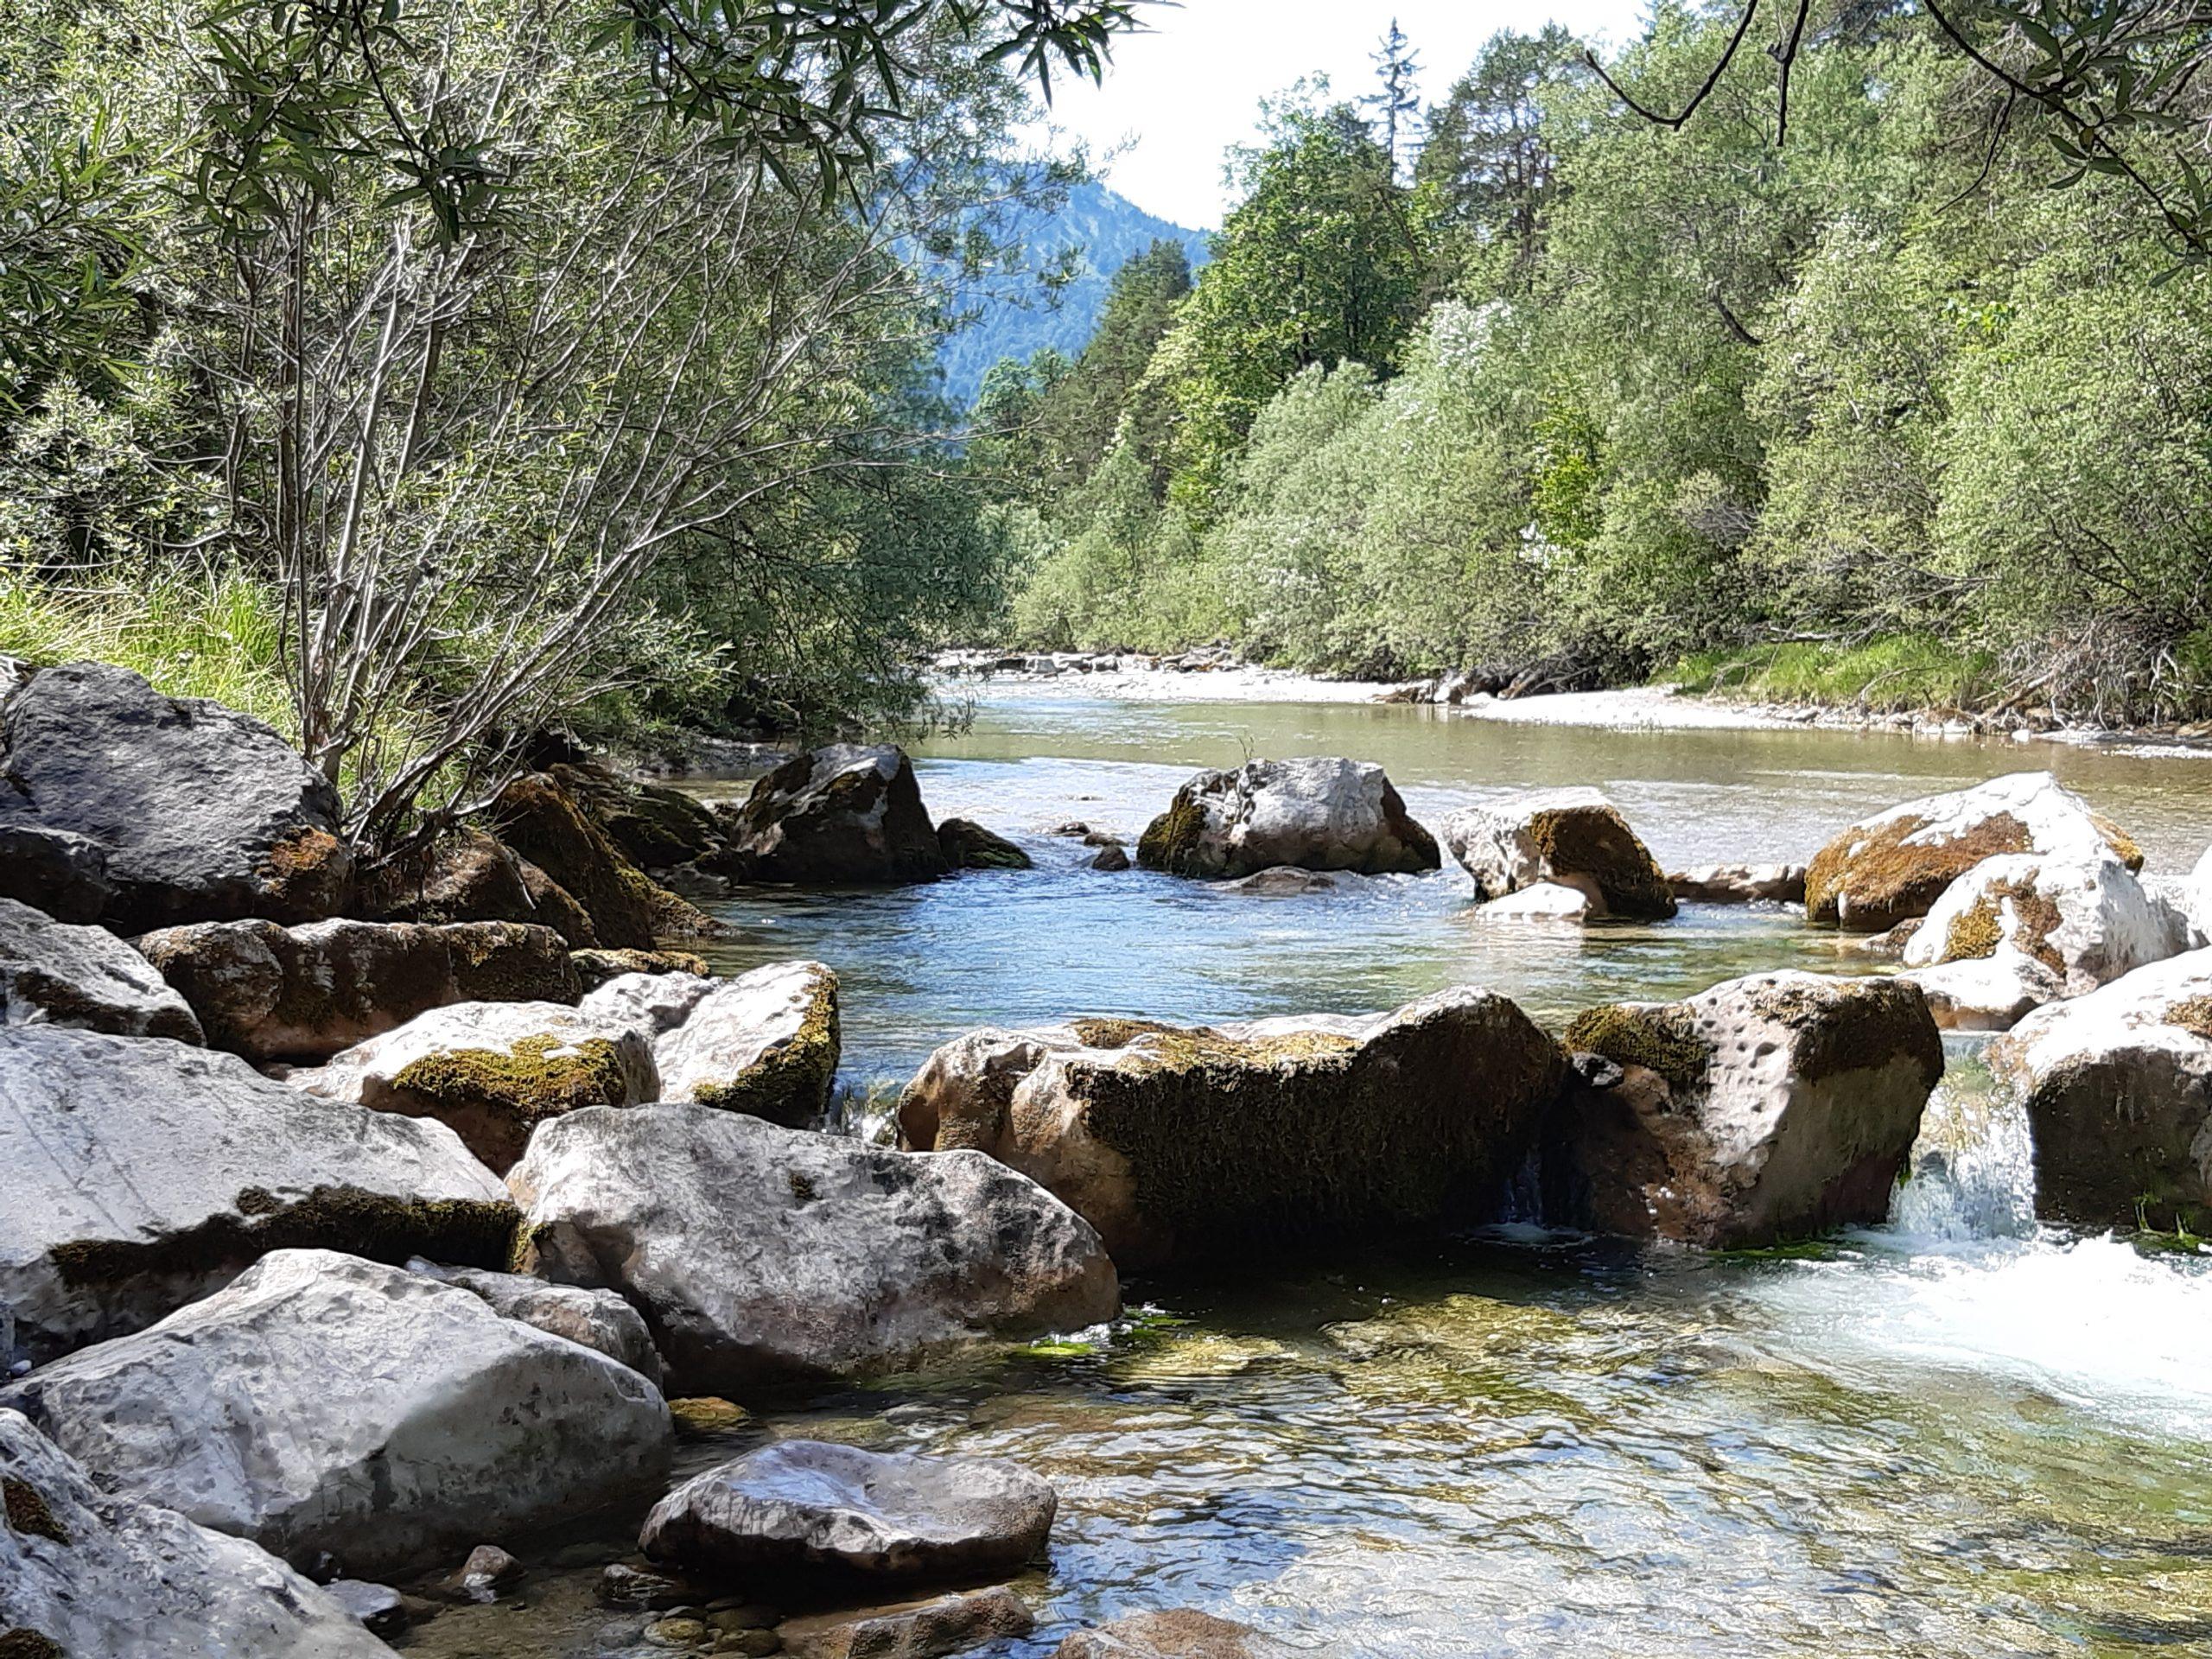 Lebendiges Wasser – die Idee des Strömens